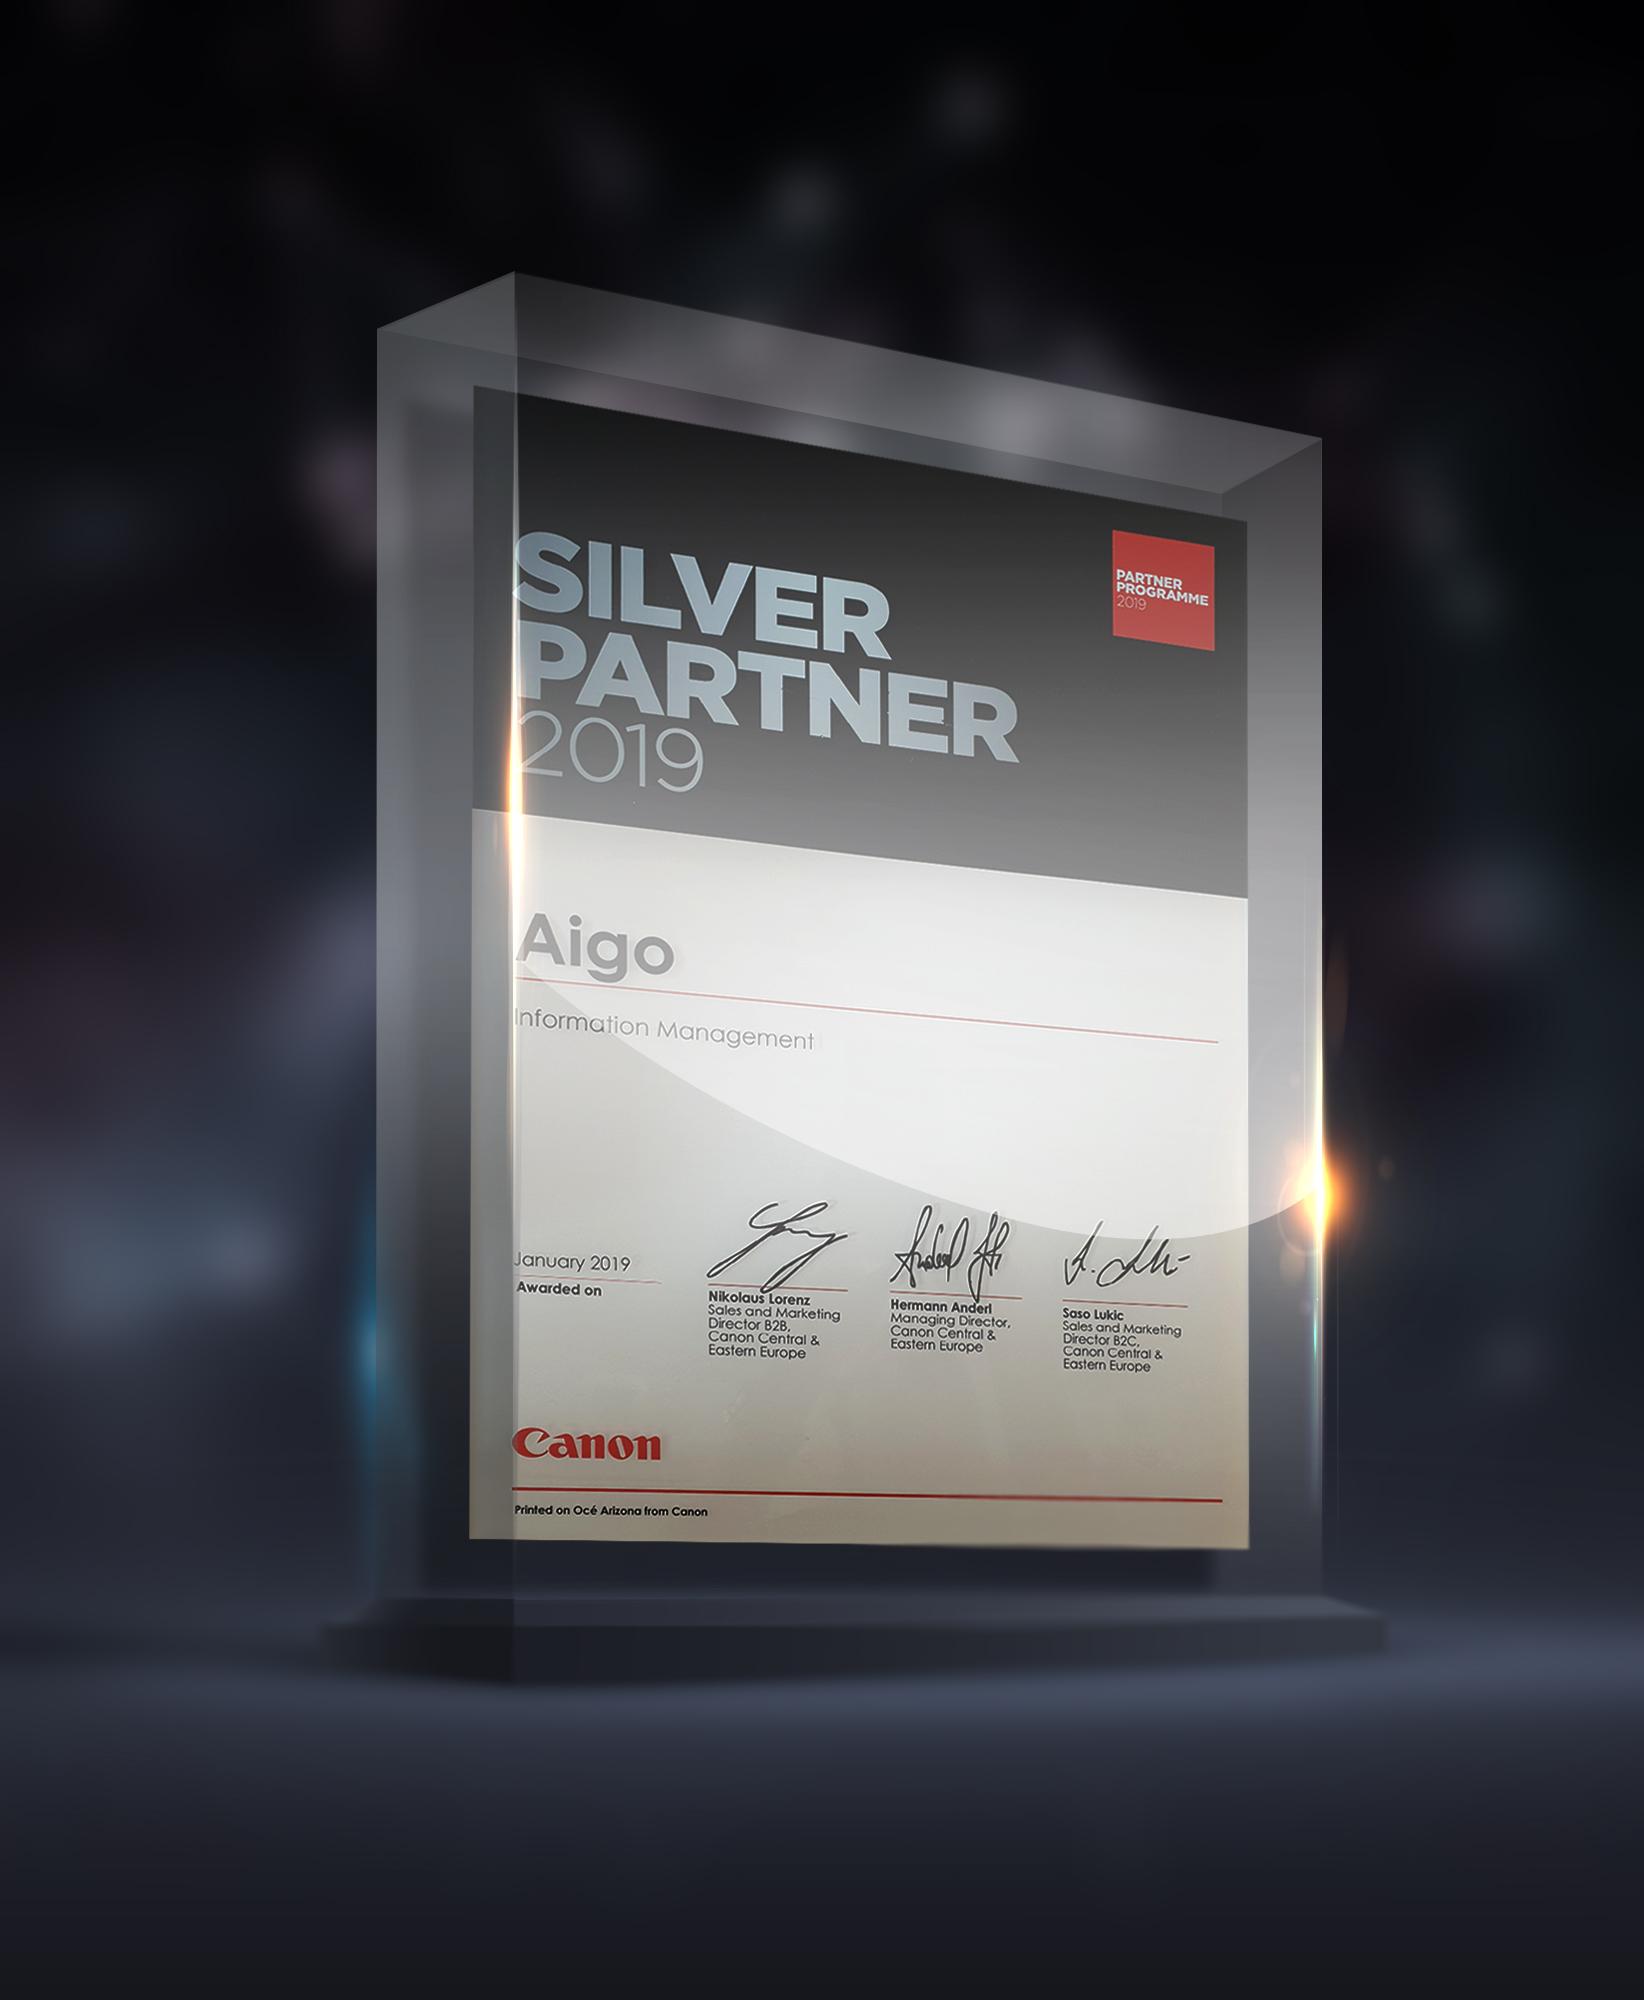 Canon Silver